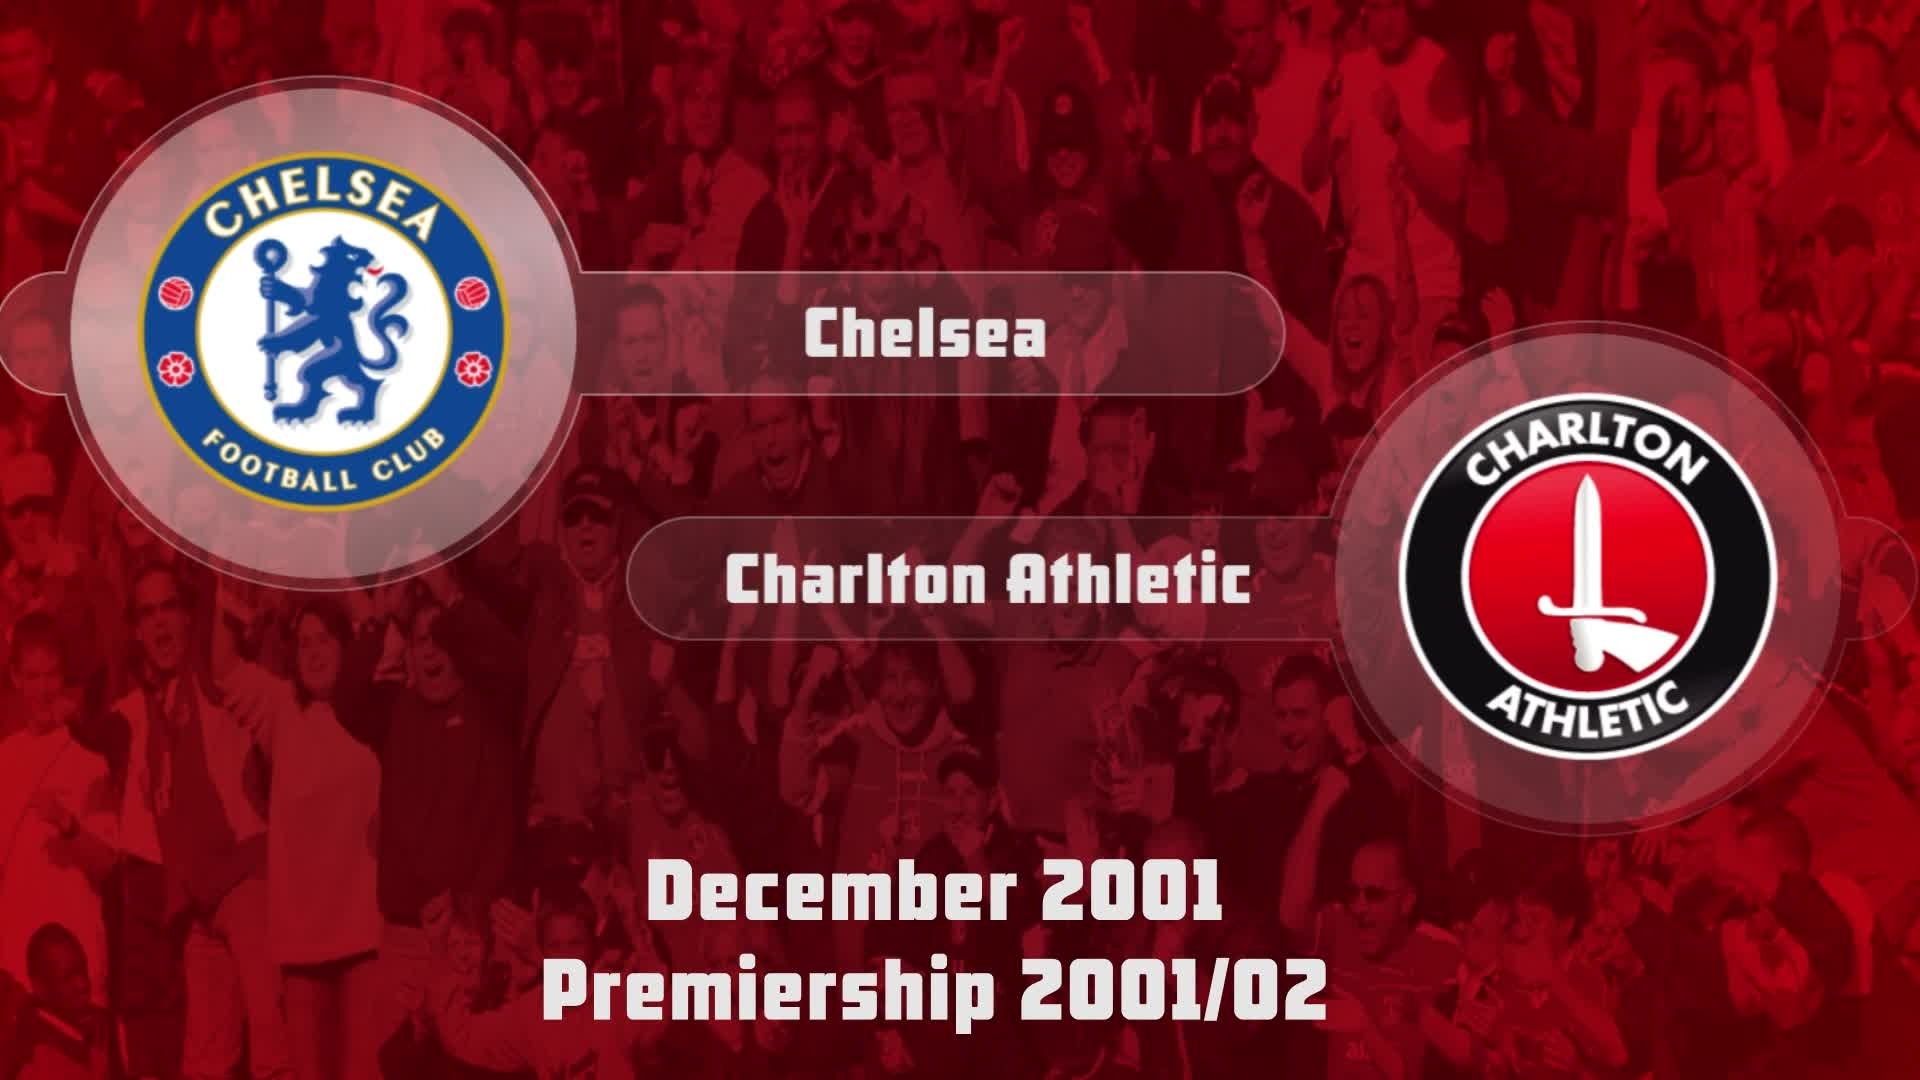 18 HIGHLIGHTS | Chelsea 0 Charlton 1 (December 2001)